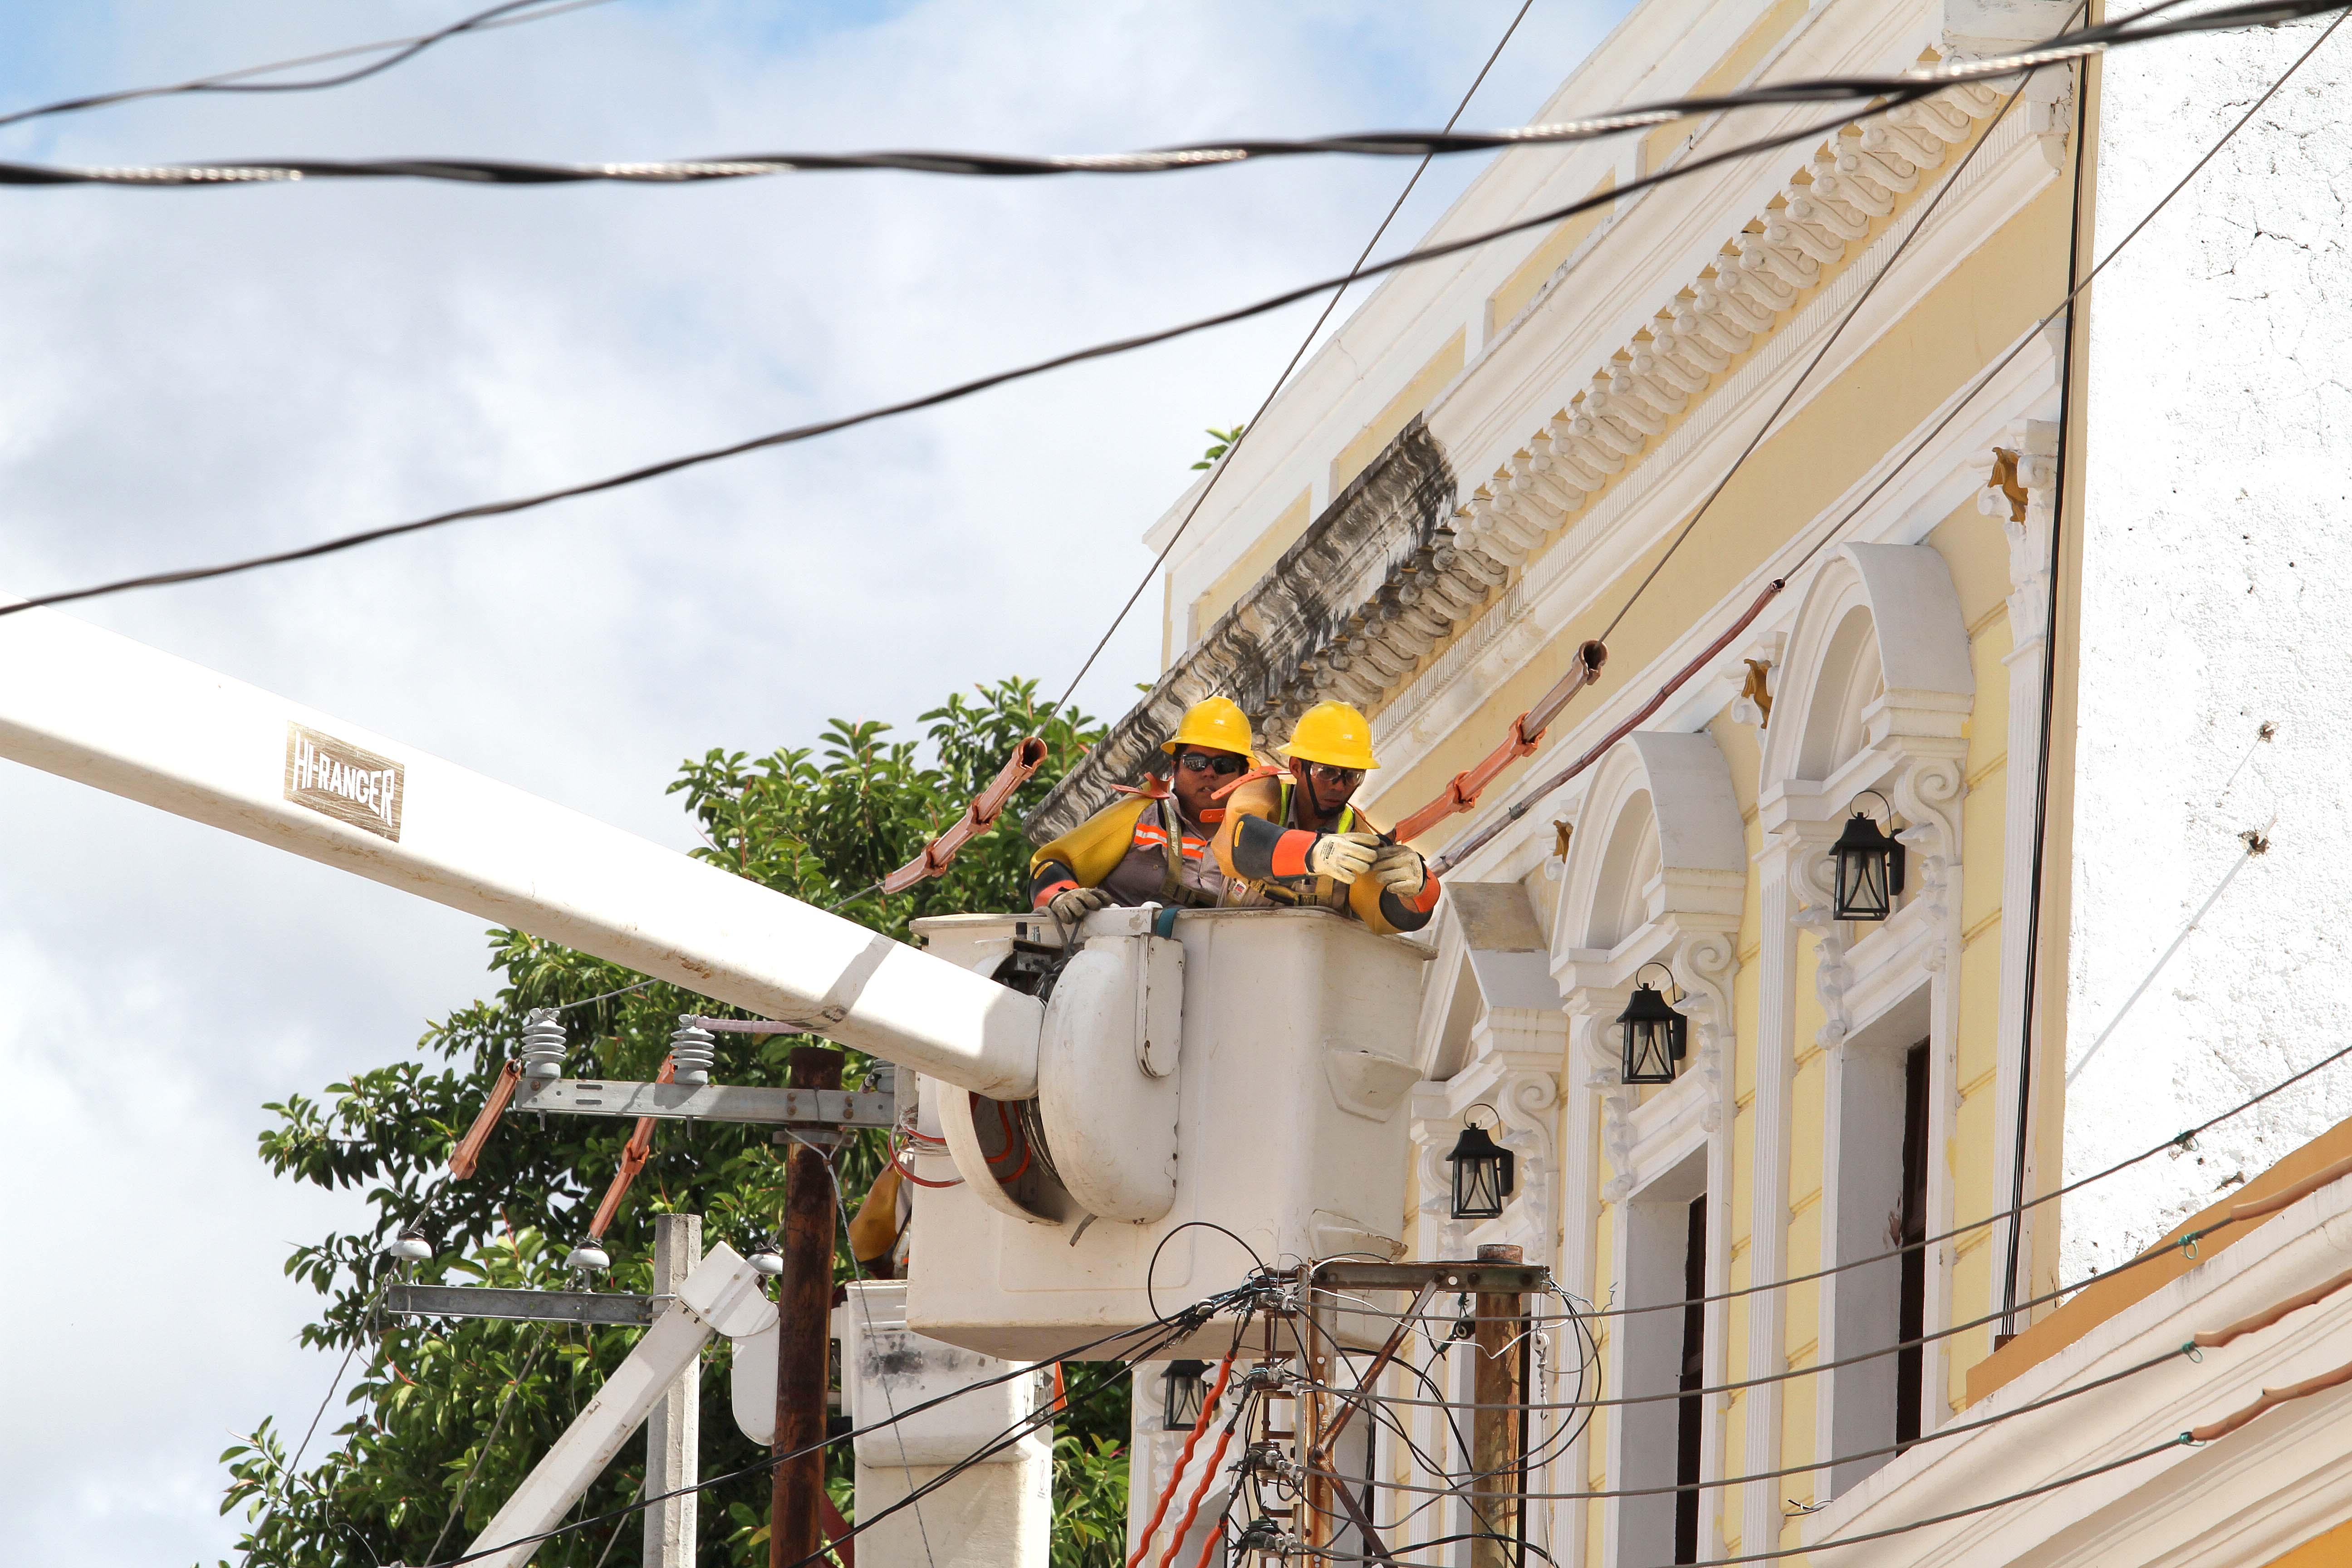 Cfe Sigue Sin Conciliar Con Consumidores Desde El Balcon